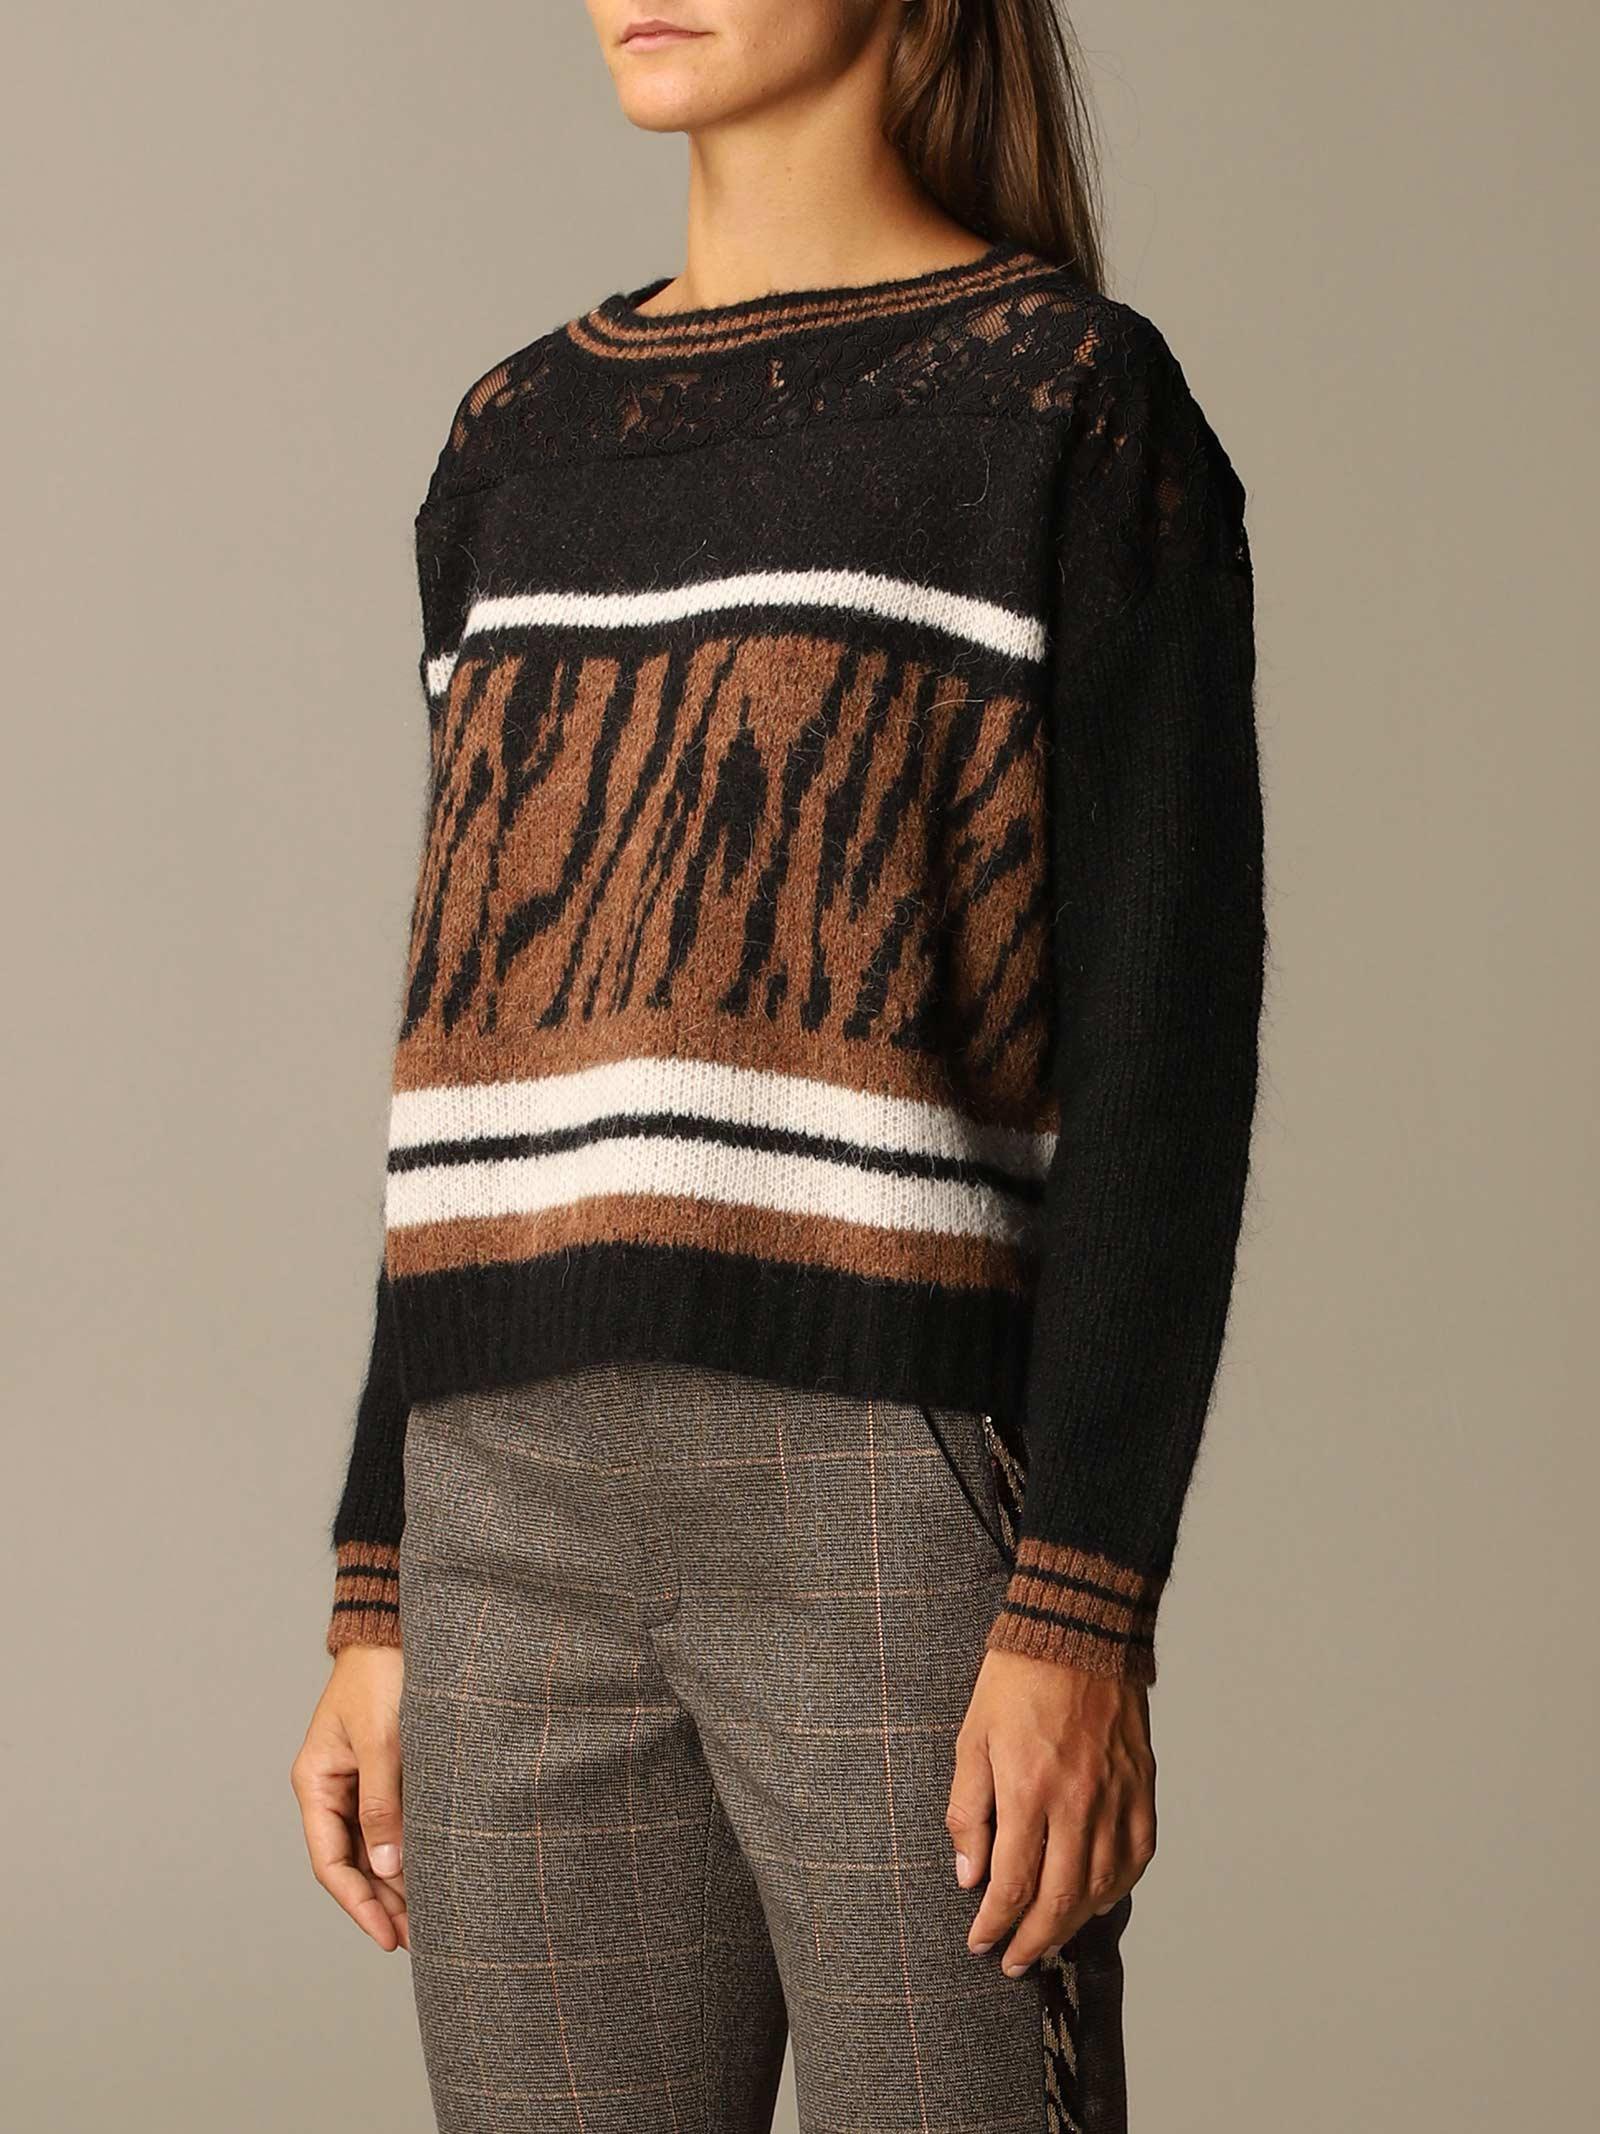 LIU JO | Sweaters | MF0145MA75IT9165